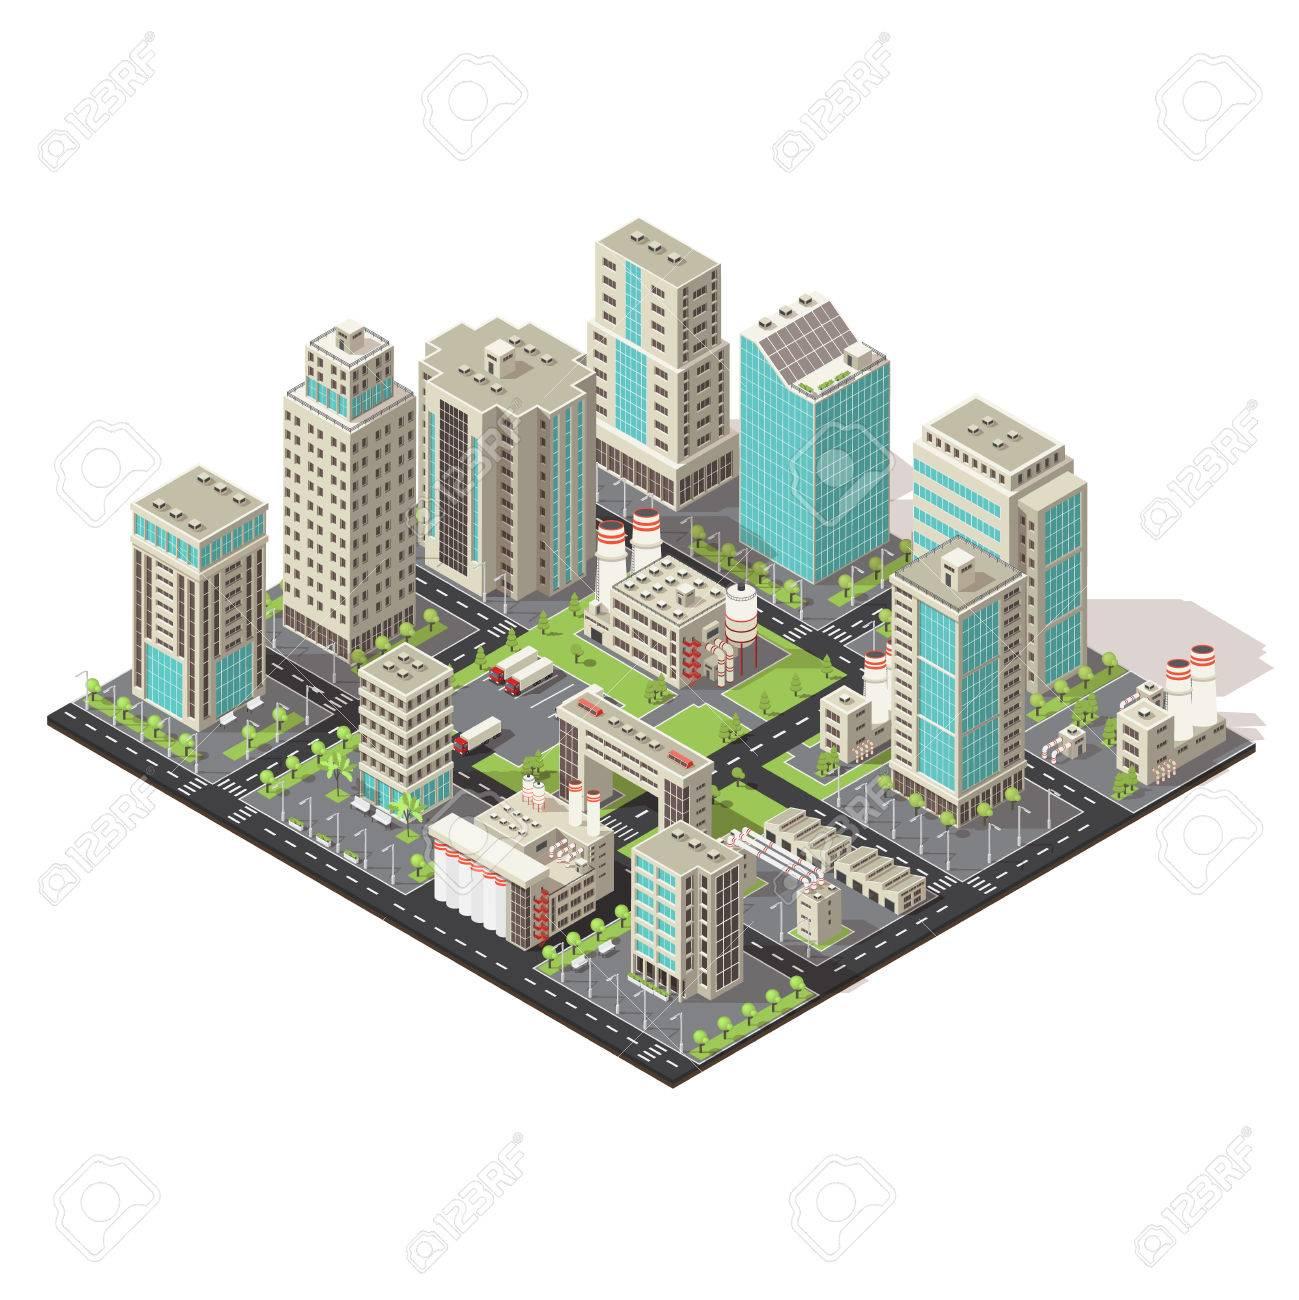 Ciudad Concepto Isométrica Con Oficinas Y Naves Industriales Camiones Ilustración Infraestructura Vial Y Medioambiental